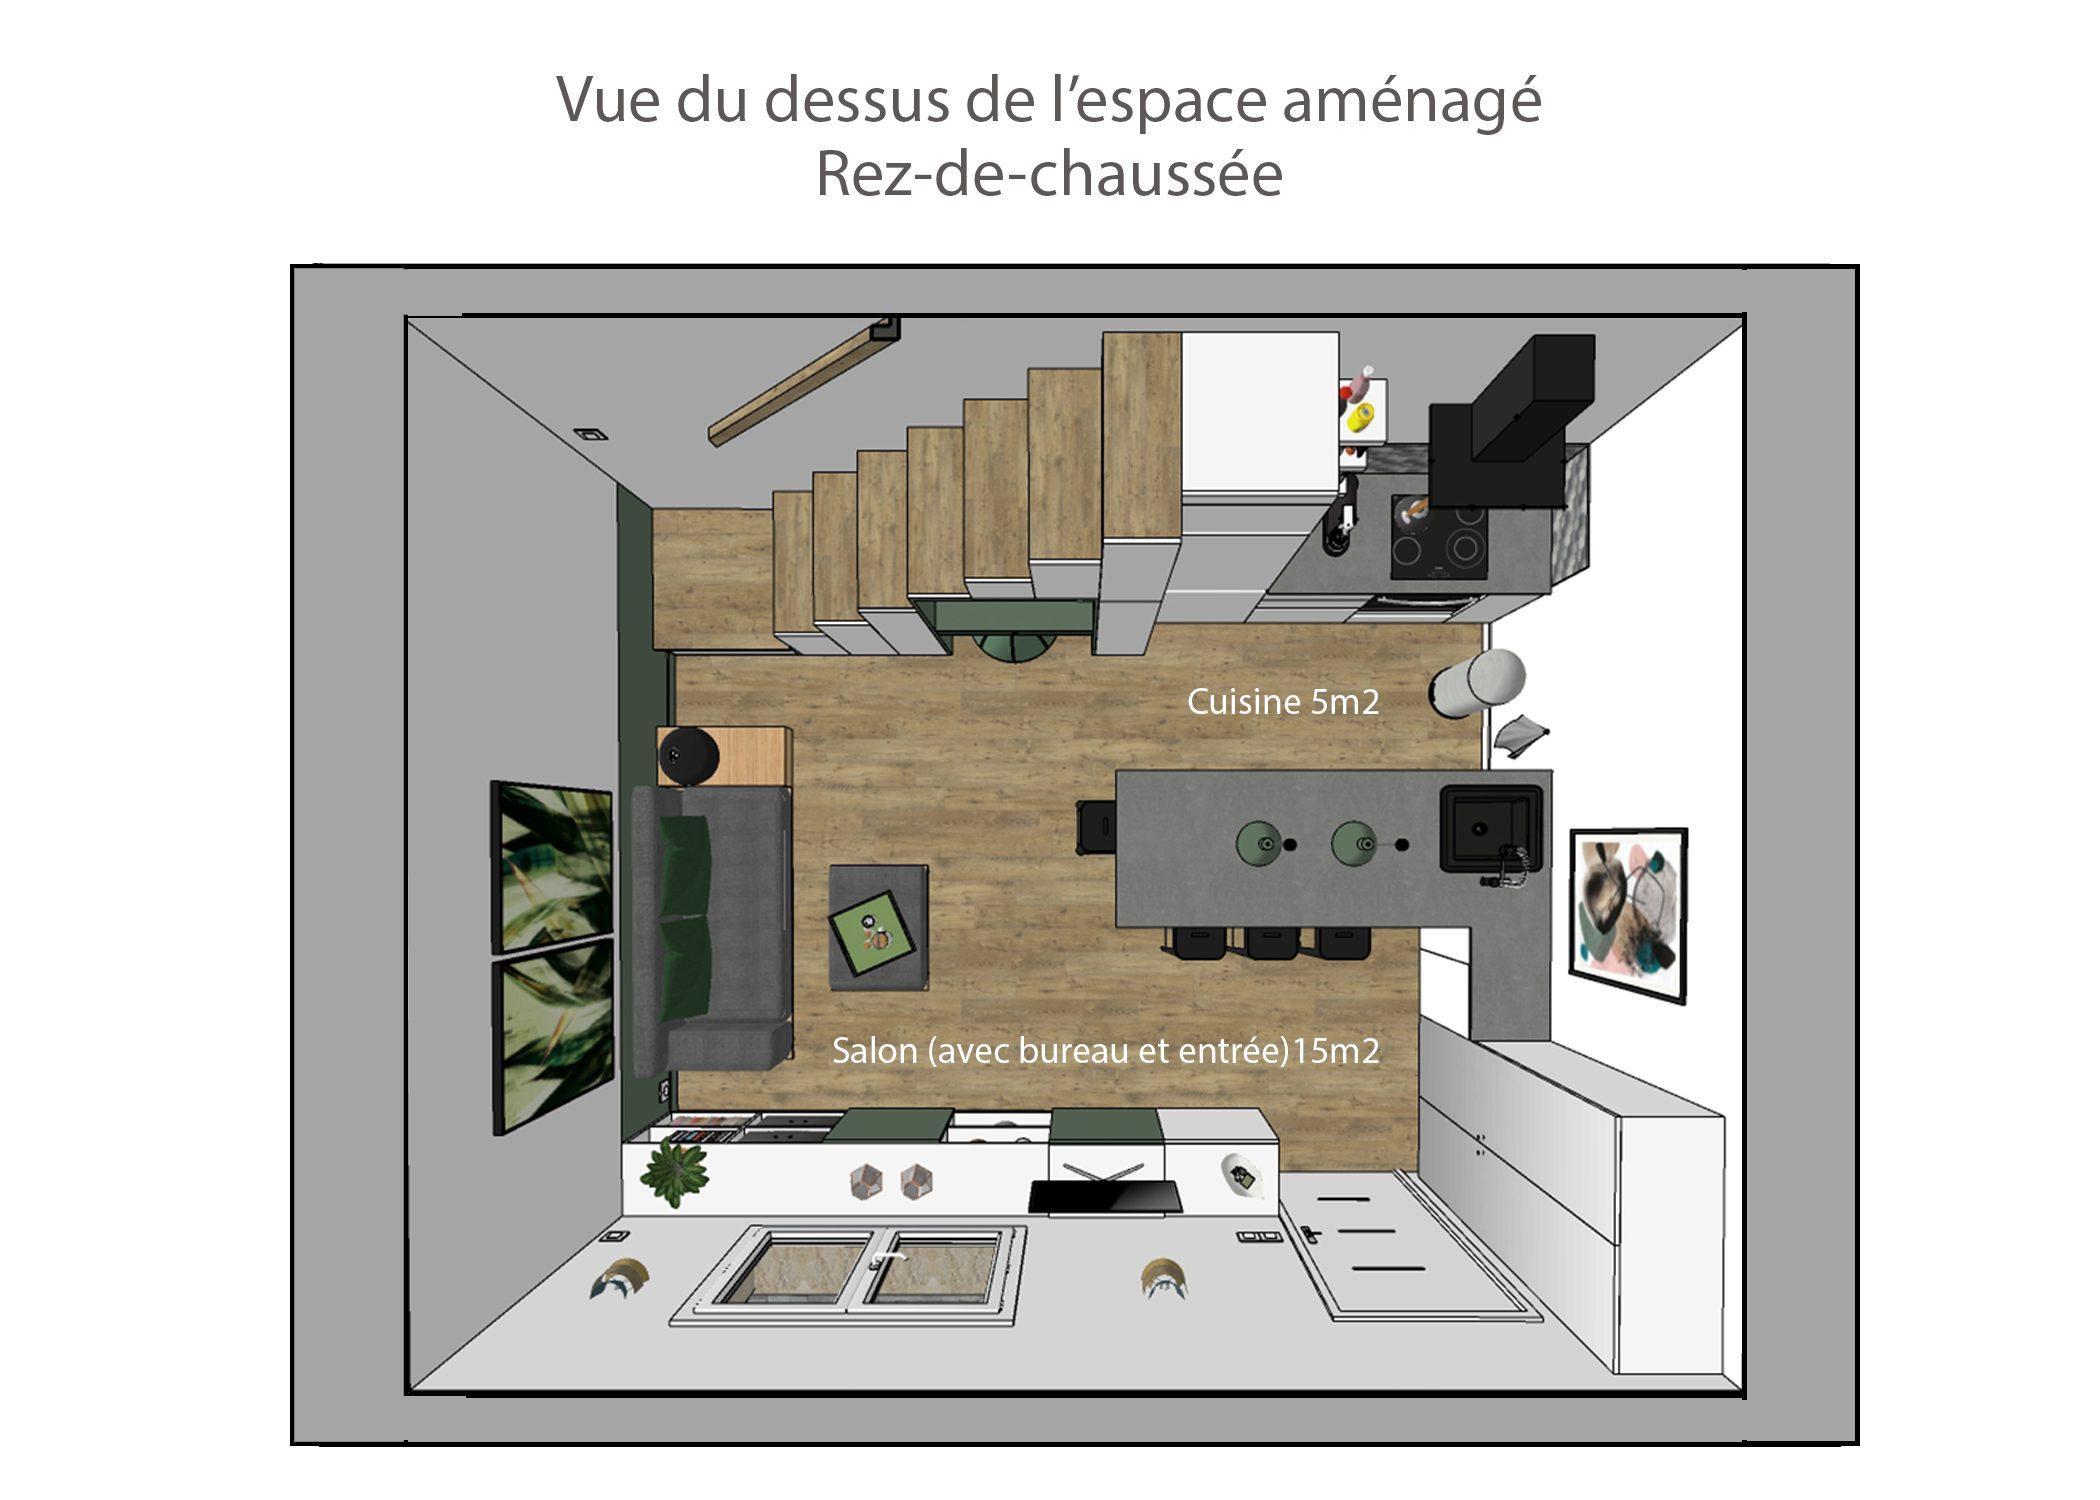 agencement petit espace-vue du dessus rdc-region lyonnaise-dekho design